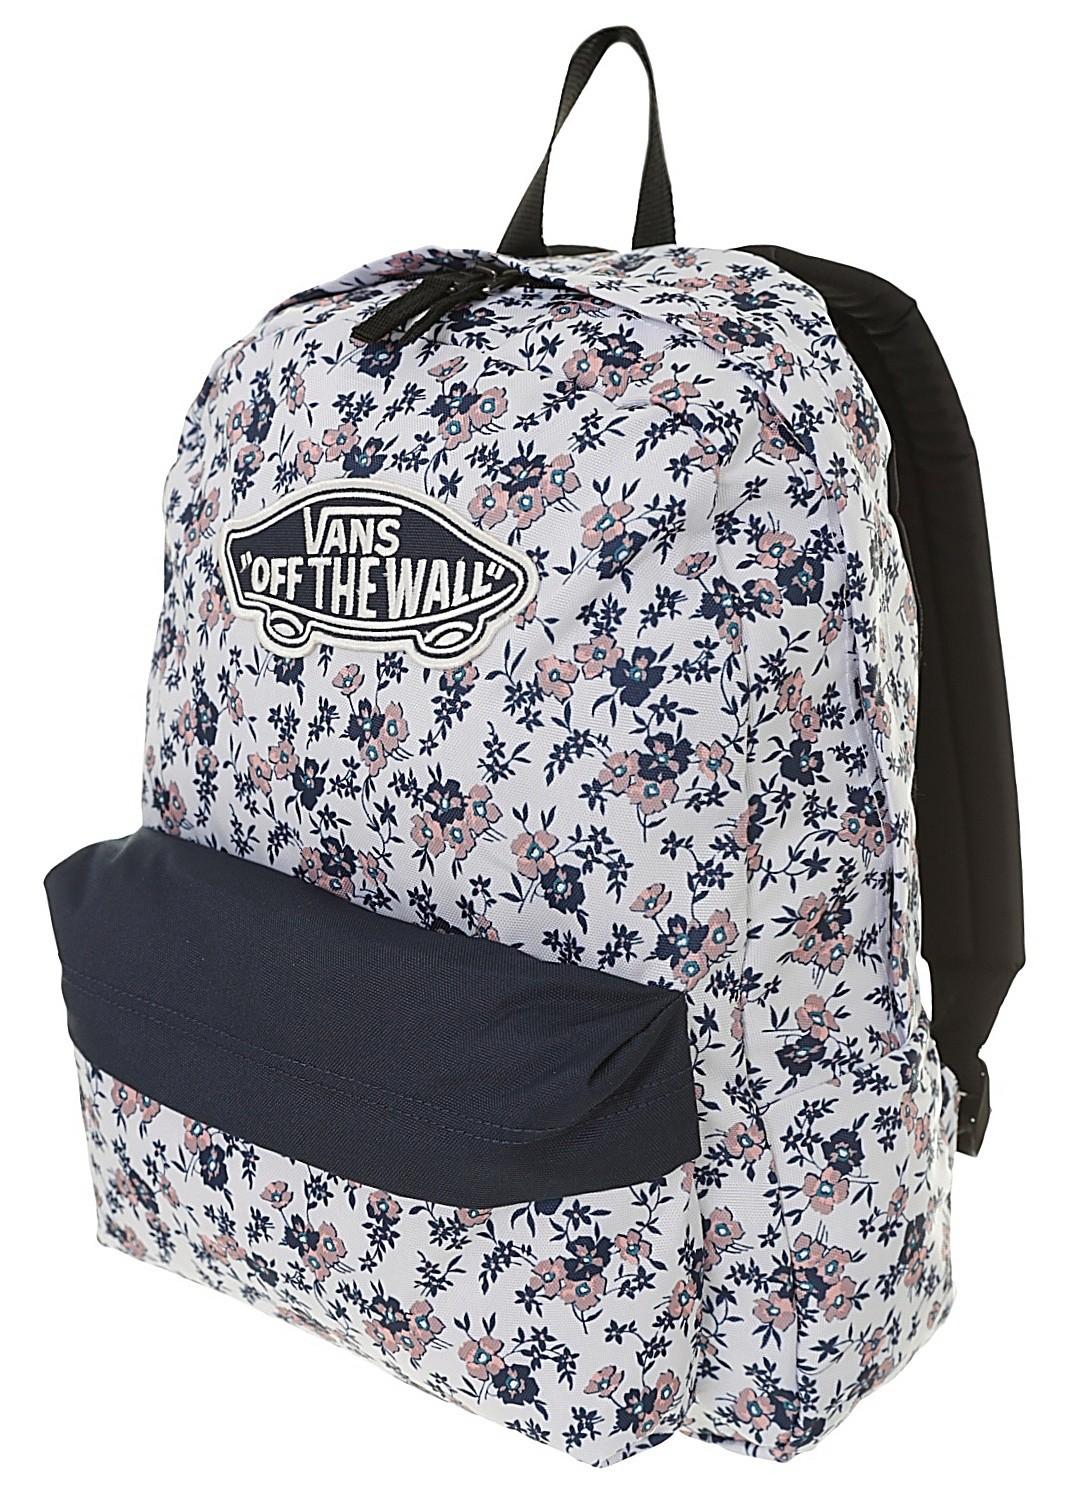 5d355436c8c61 plecak w kwiatki vans zamówienie